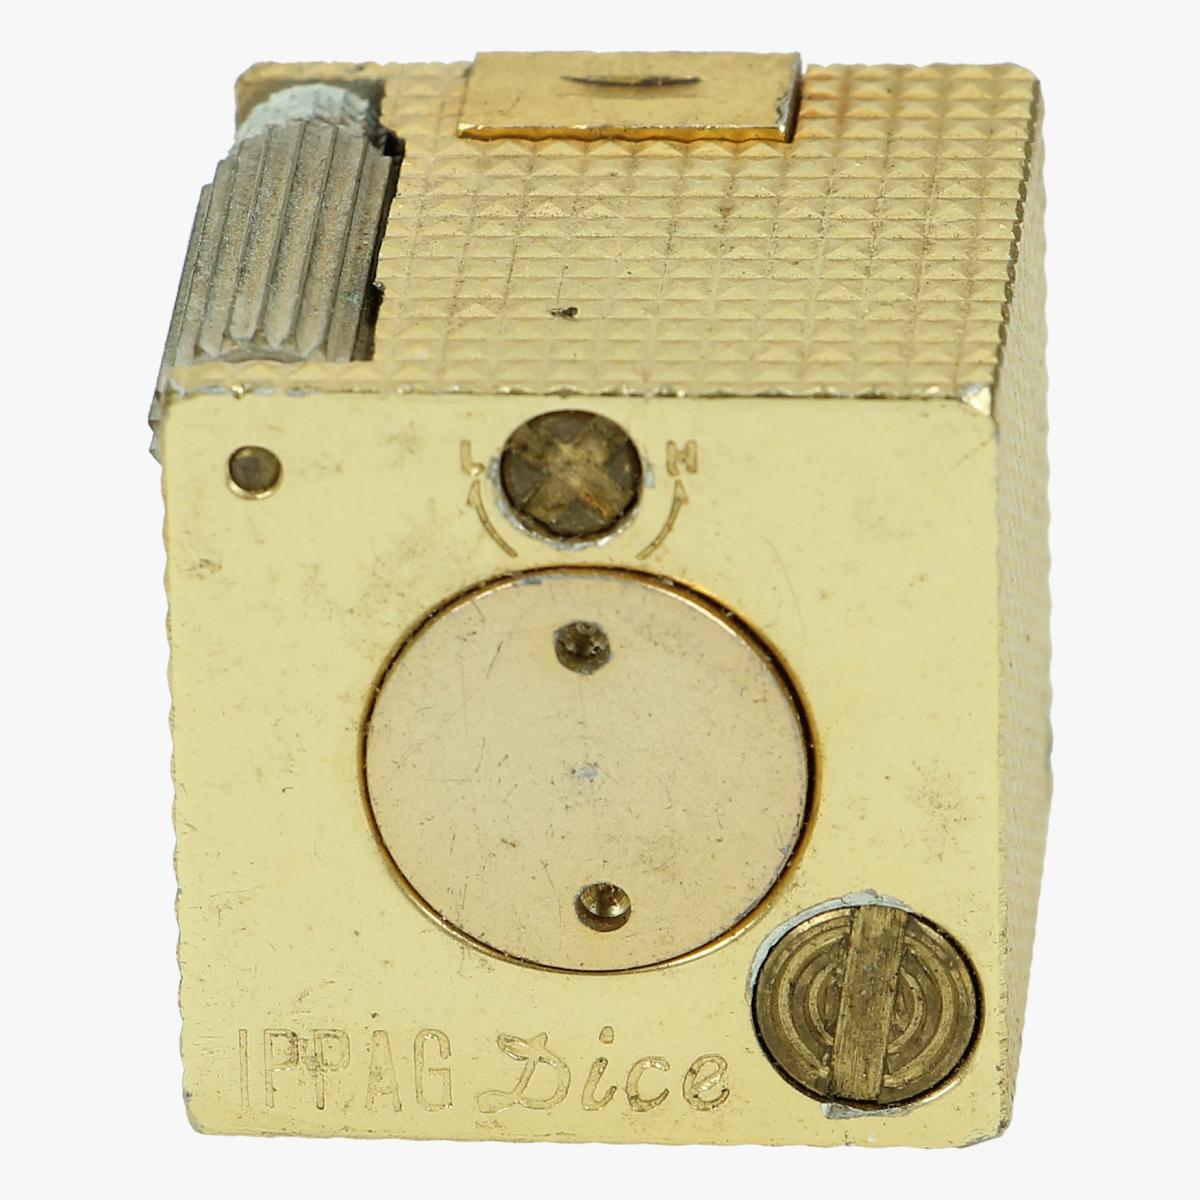 Afbeeldingen van oude aan steker D.K.E IPPAG DICE